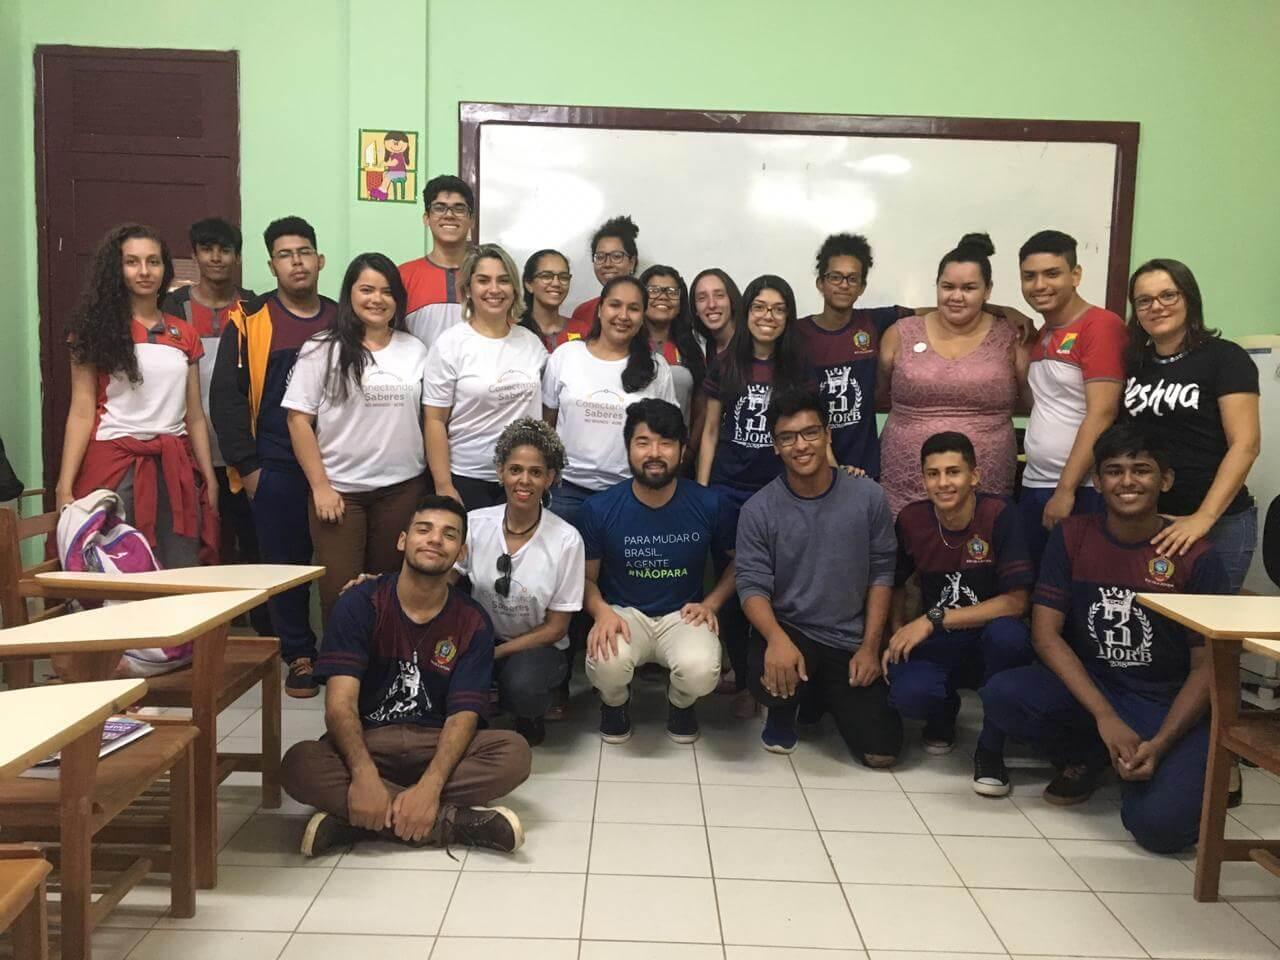 Professores criam iniciativa para ajudar alunos no ENEM